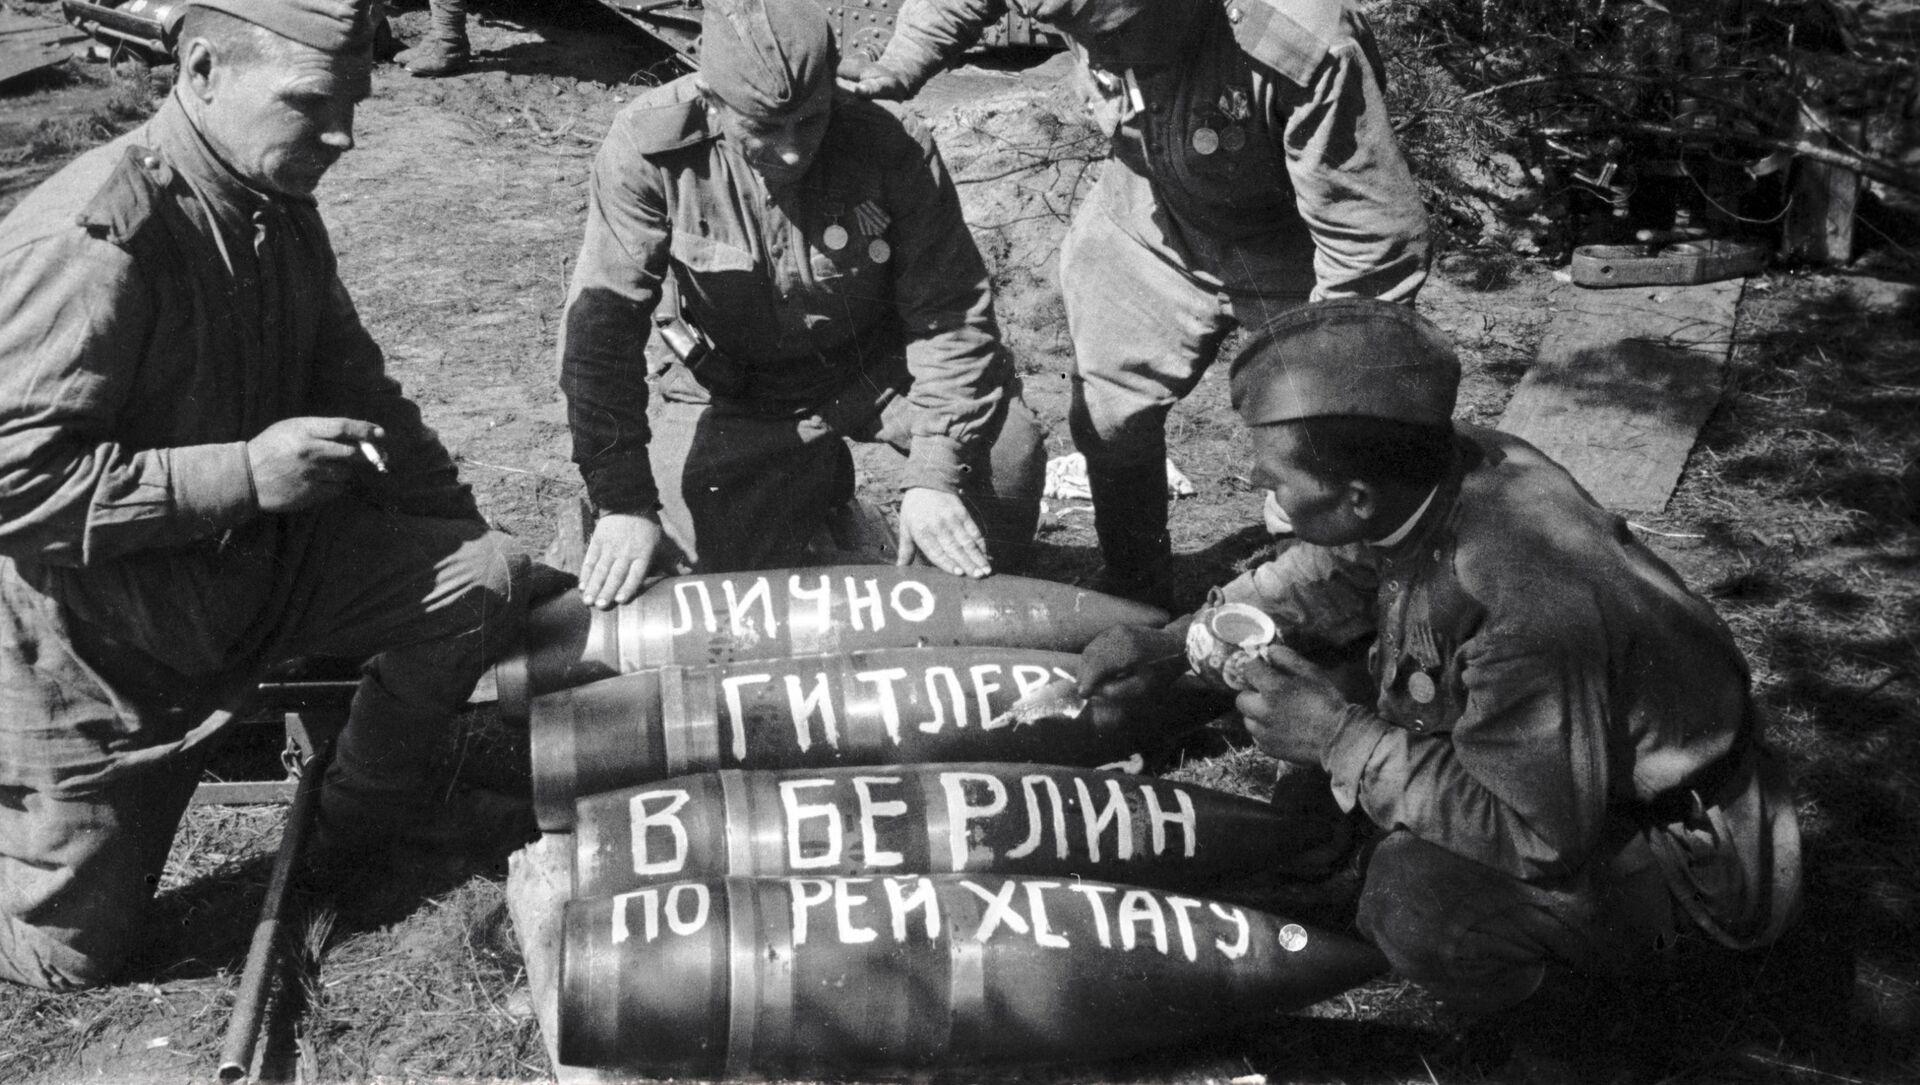 Советские солдаты пишут на снарядах послания: Лично Гитлеру, В Берлин, По Рейхстагу. - Sputnik Абхазия, 1920, 08.08.2021